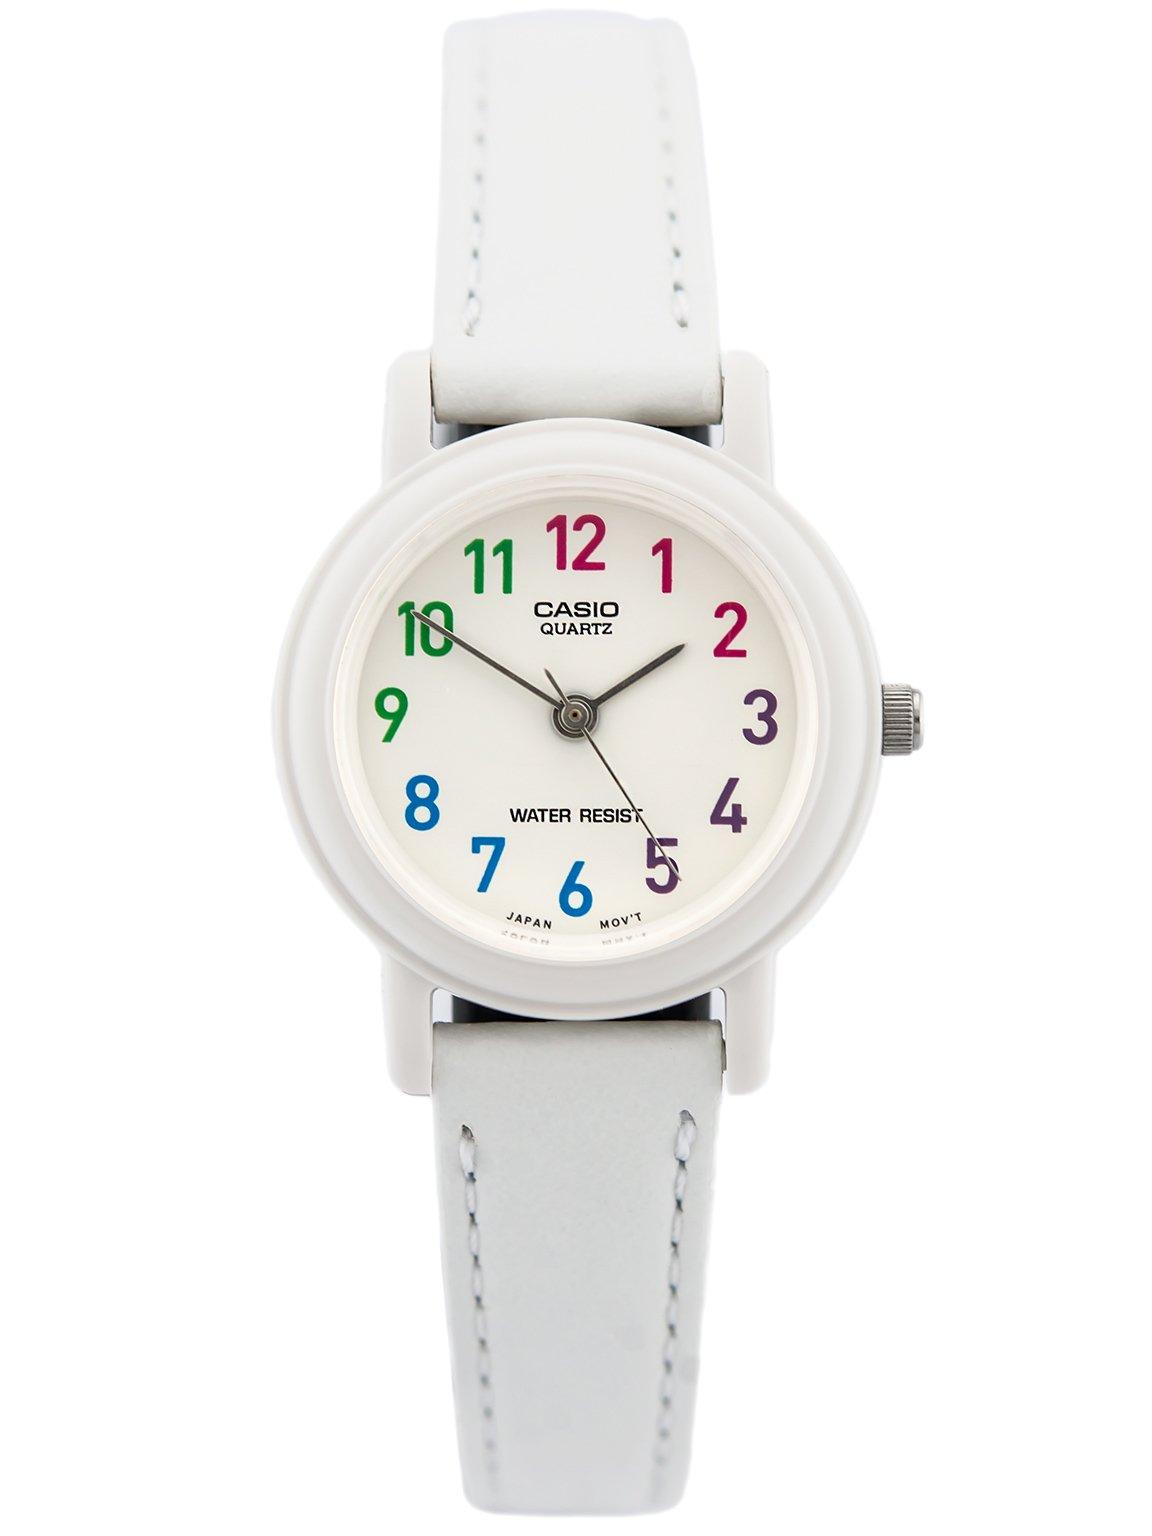 Reloj Casio Precio Costa Rica